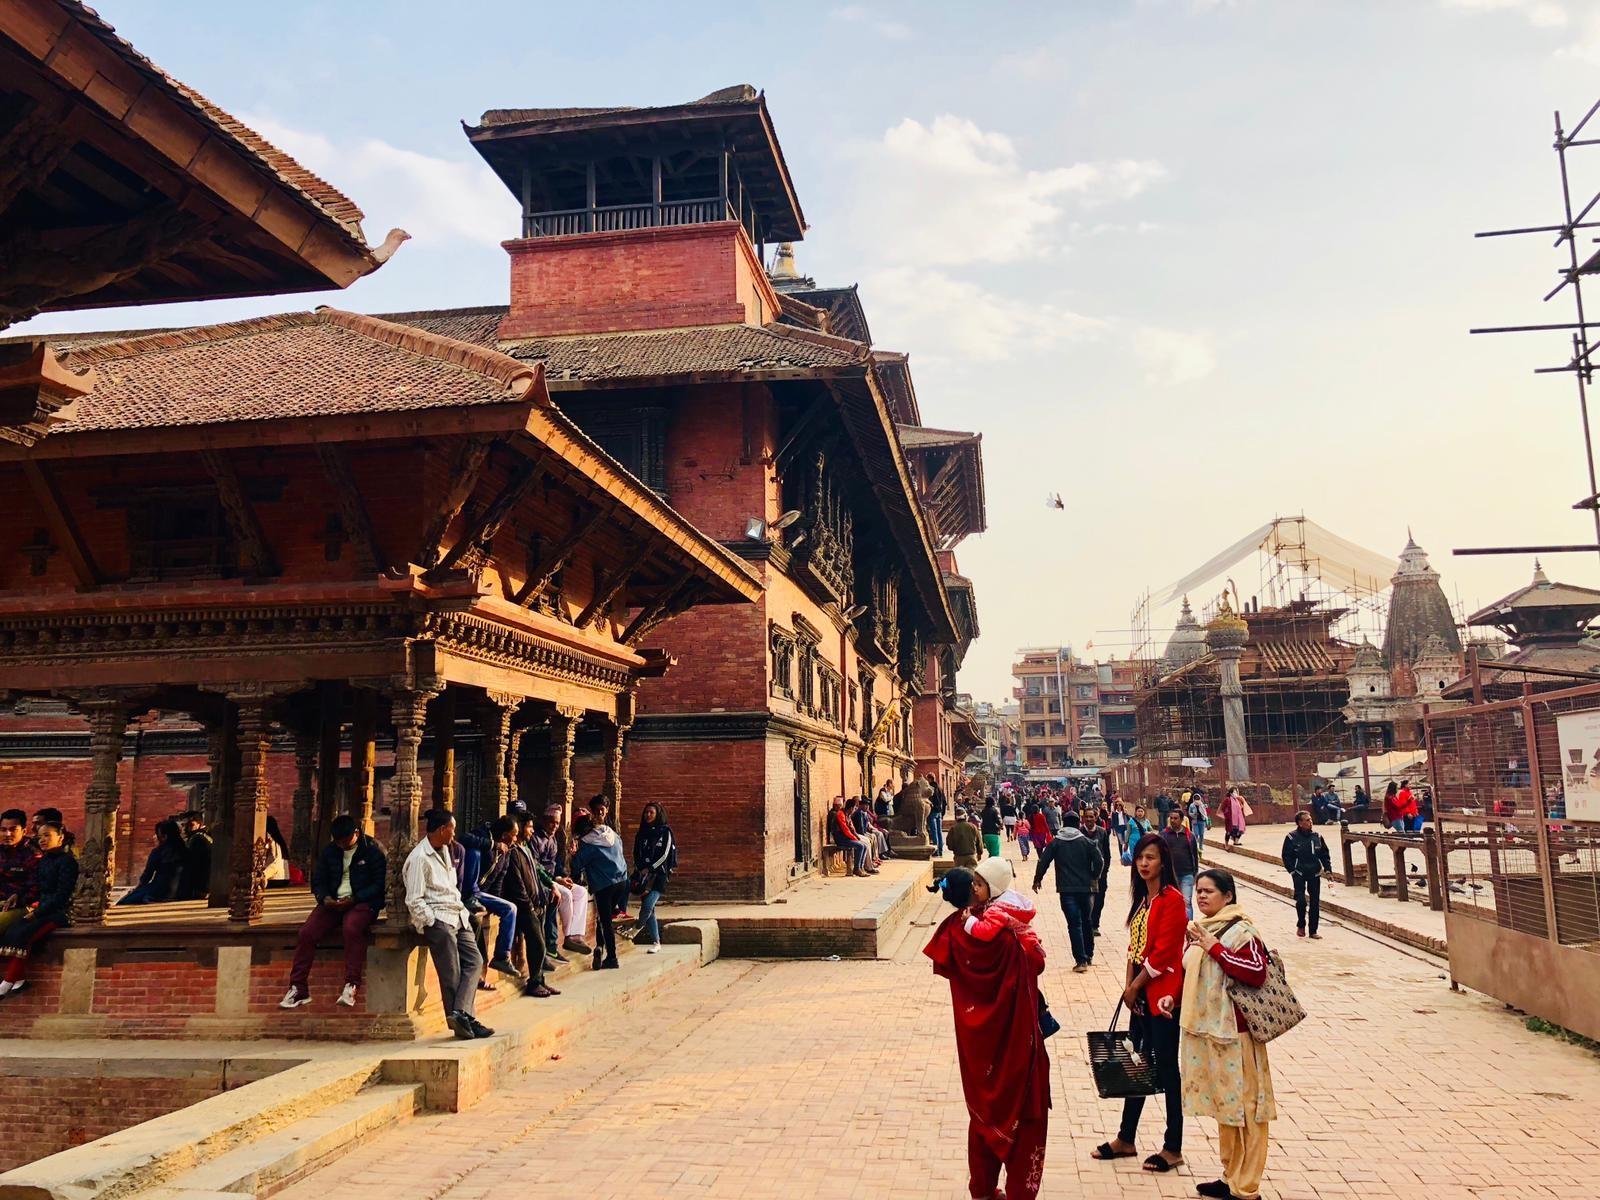 viaggio-in-nepal-8b3956a470181639c091b6a